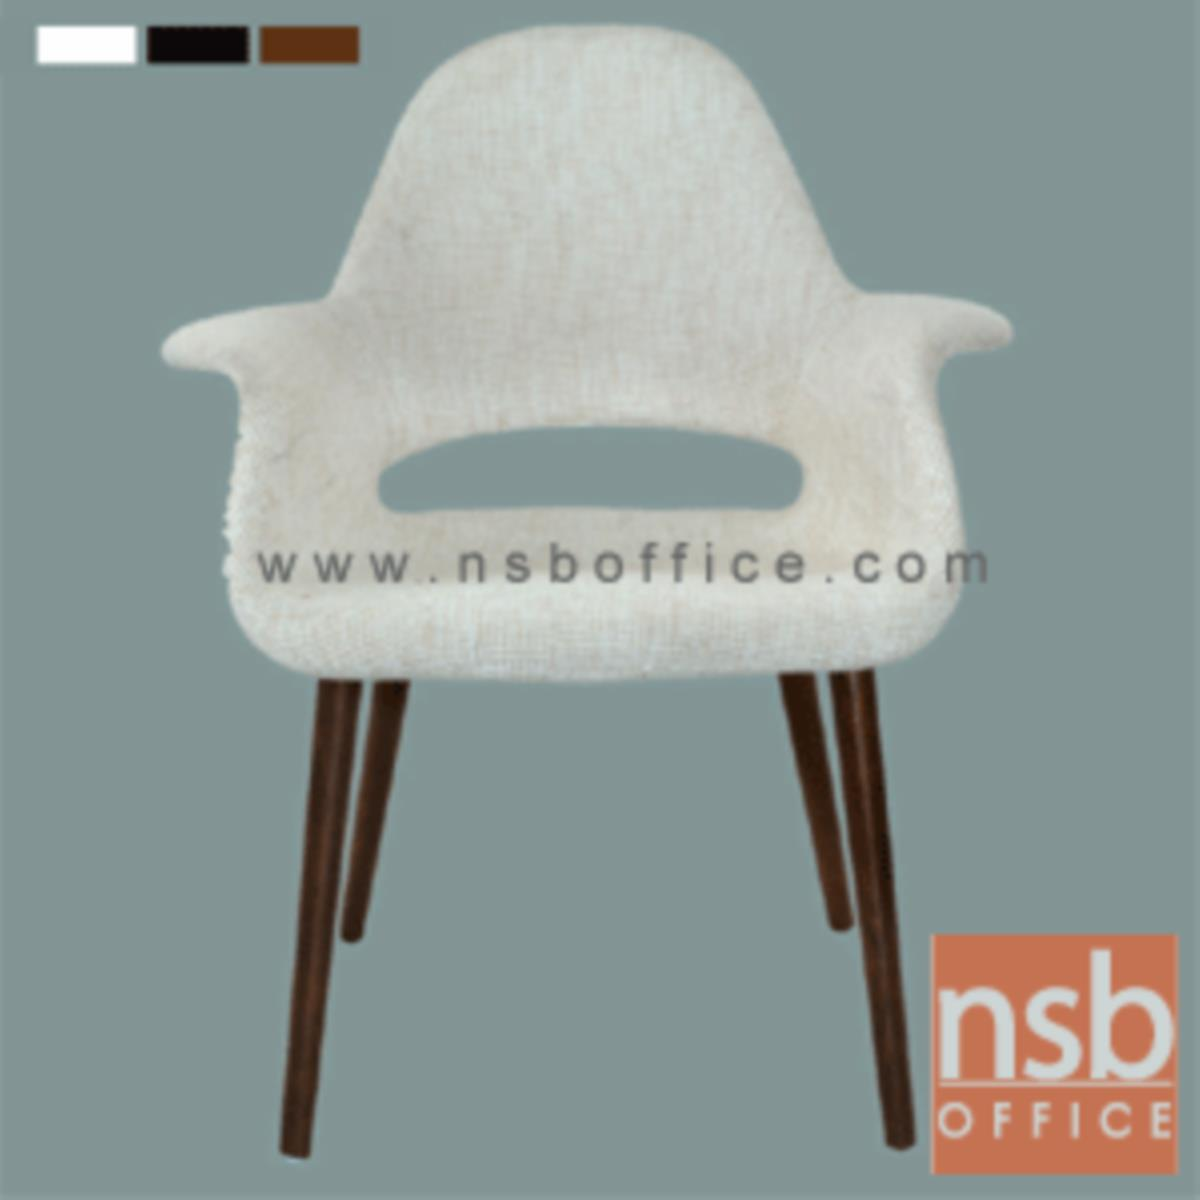 เก้าอี้โมเดิร์นหนังเทียม รุ่น PP92153 ขนาด 73W cm. ขาไม้สีบีช